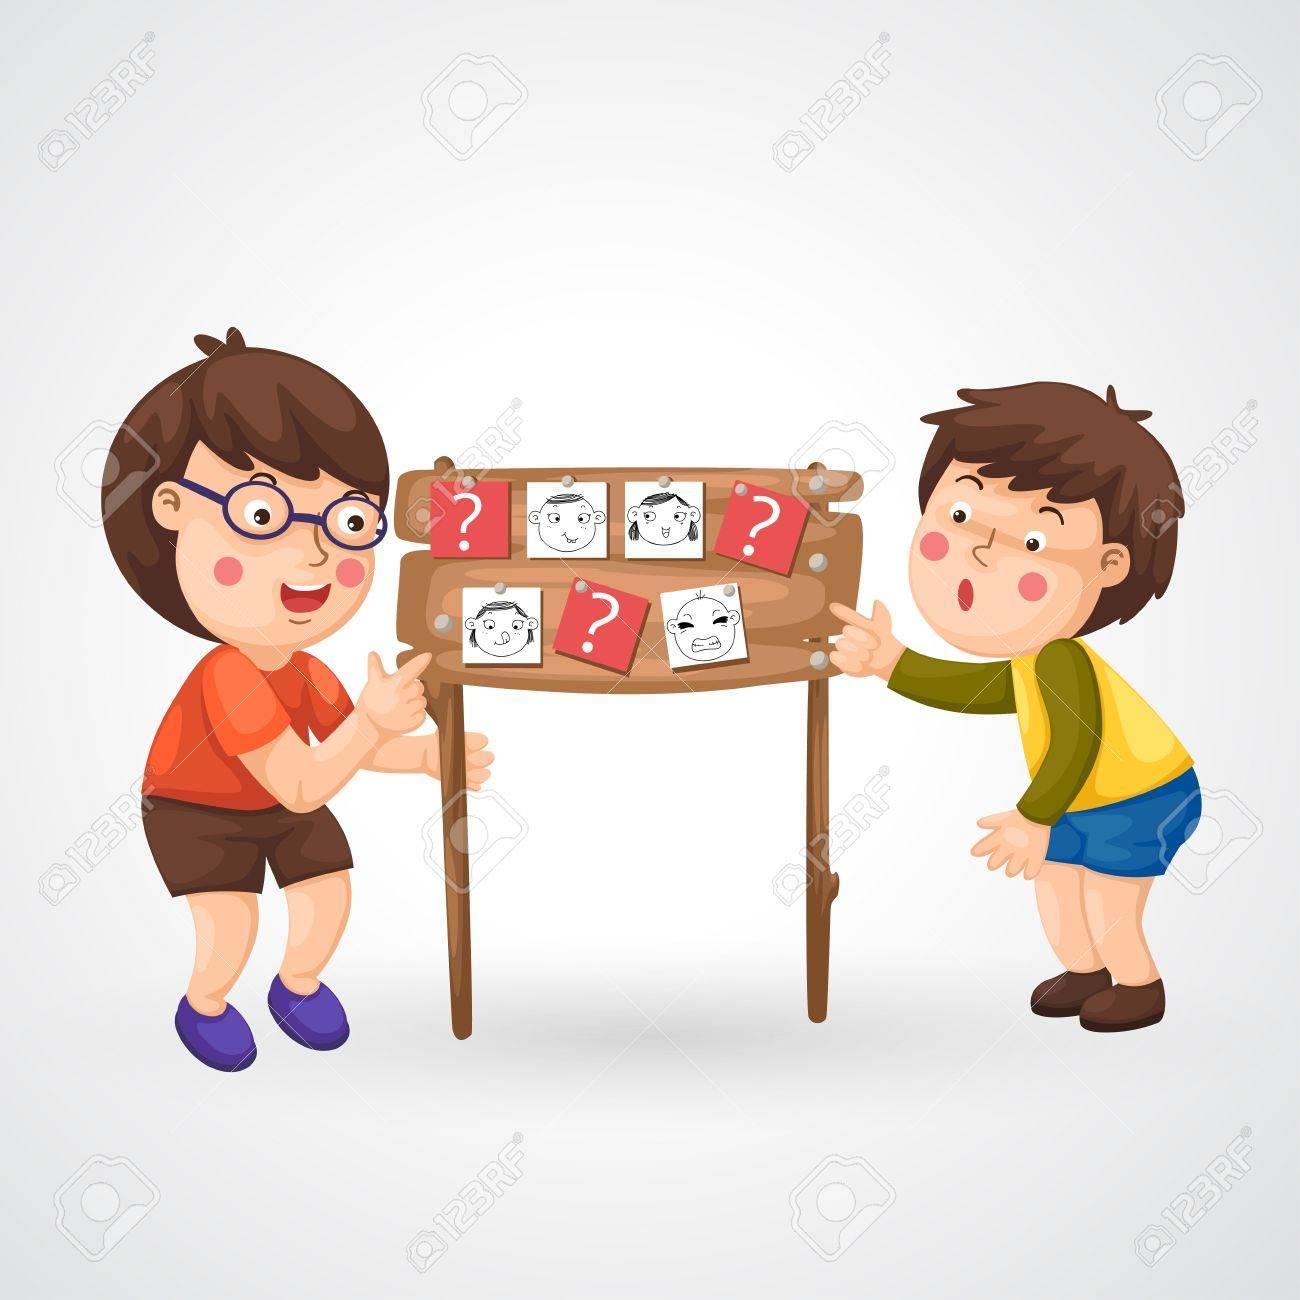 illustration of isolated children doing homework vector Stock Vector - 20847757